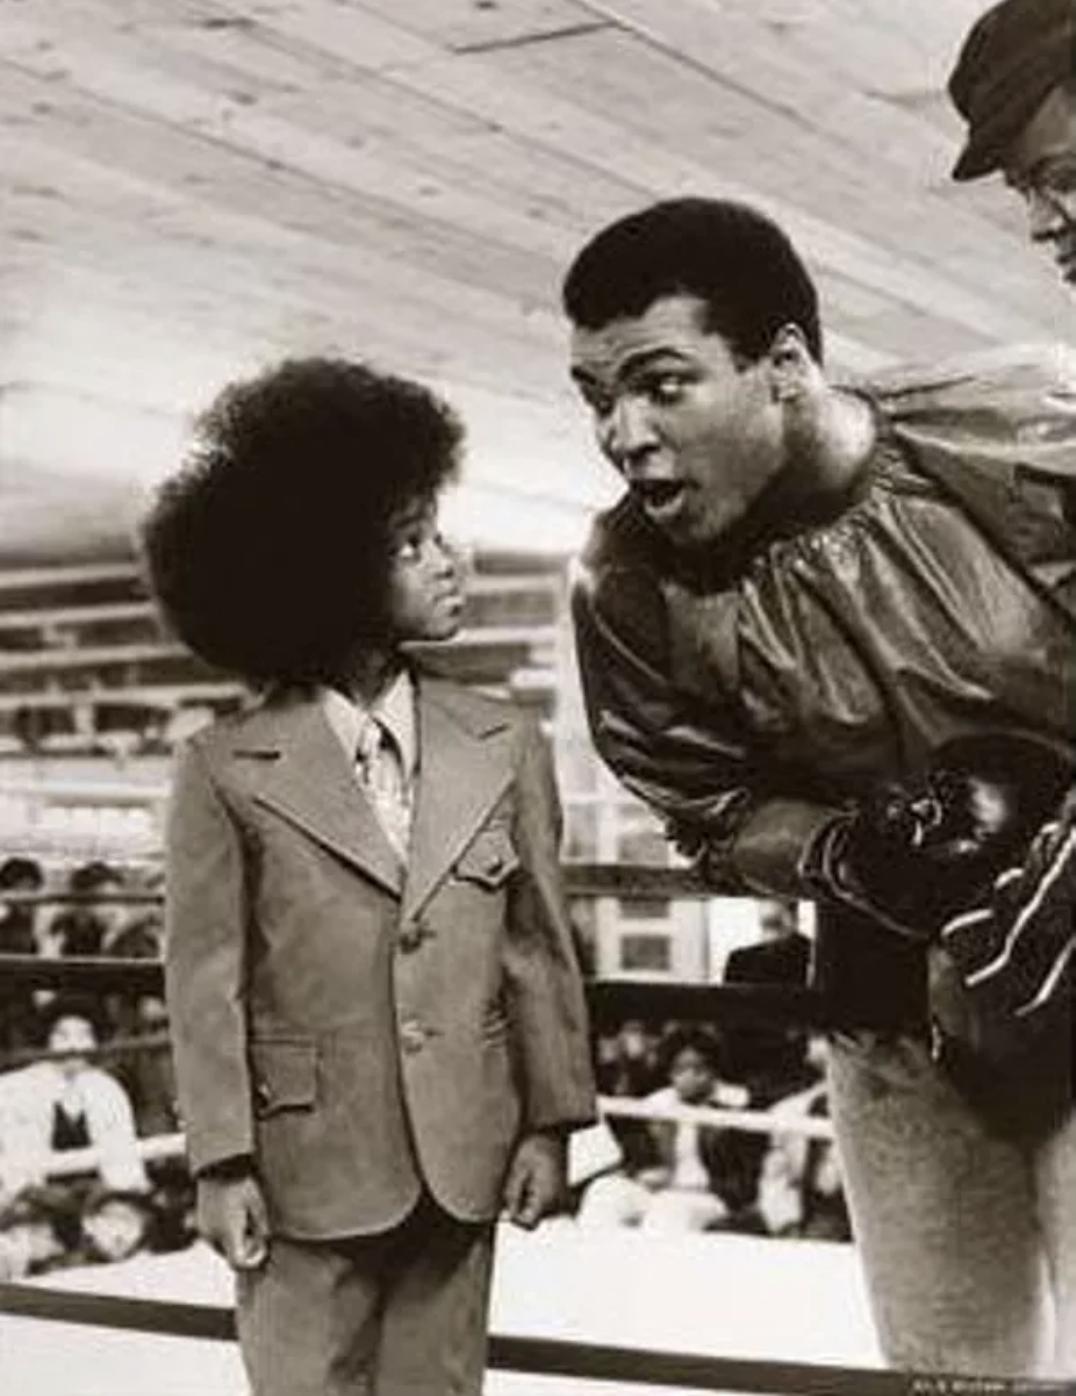 A kép 2017 júliusában jelent meg a közösségi oldalakon. A mellékelt képaláírás szerint Muhammad Alit a fiatal Michael Jacksonnal láthatjuk. Ez nem igaz.<br />A képet a hetvenes évek elején Manuel Gaetán készítette Pennsylvániában egy edzőtáborban. A felvételen Ali rajongója, későbbi boxlegenda Tiger Smalls látható.